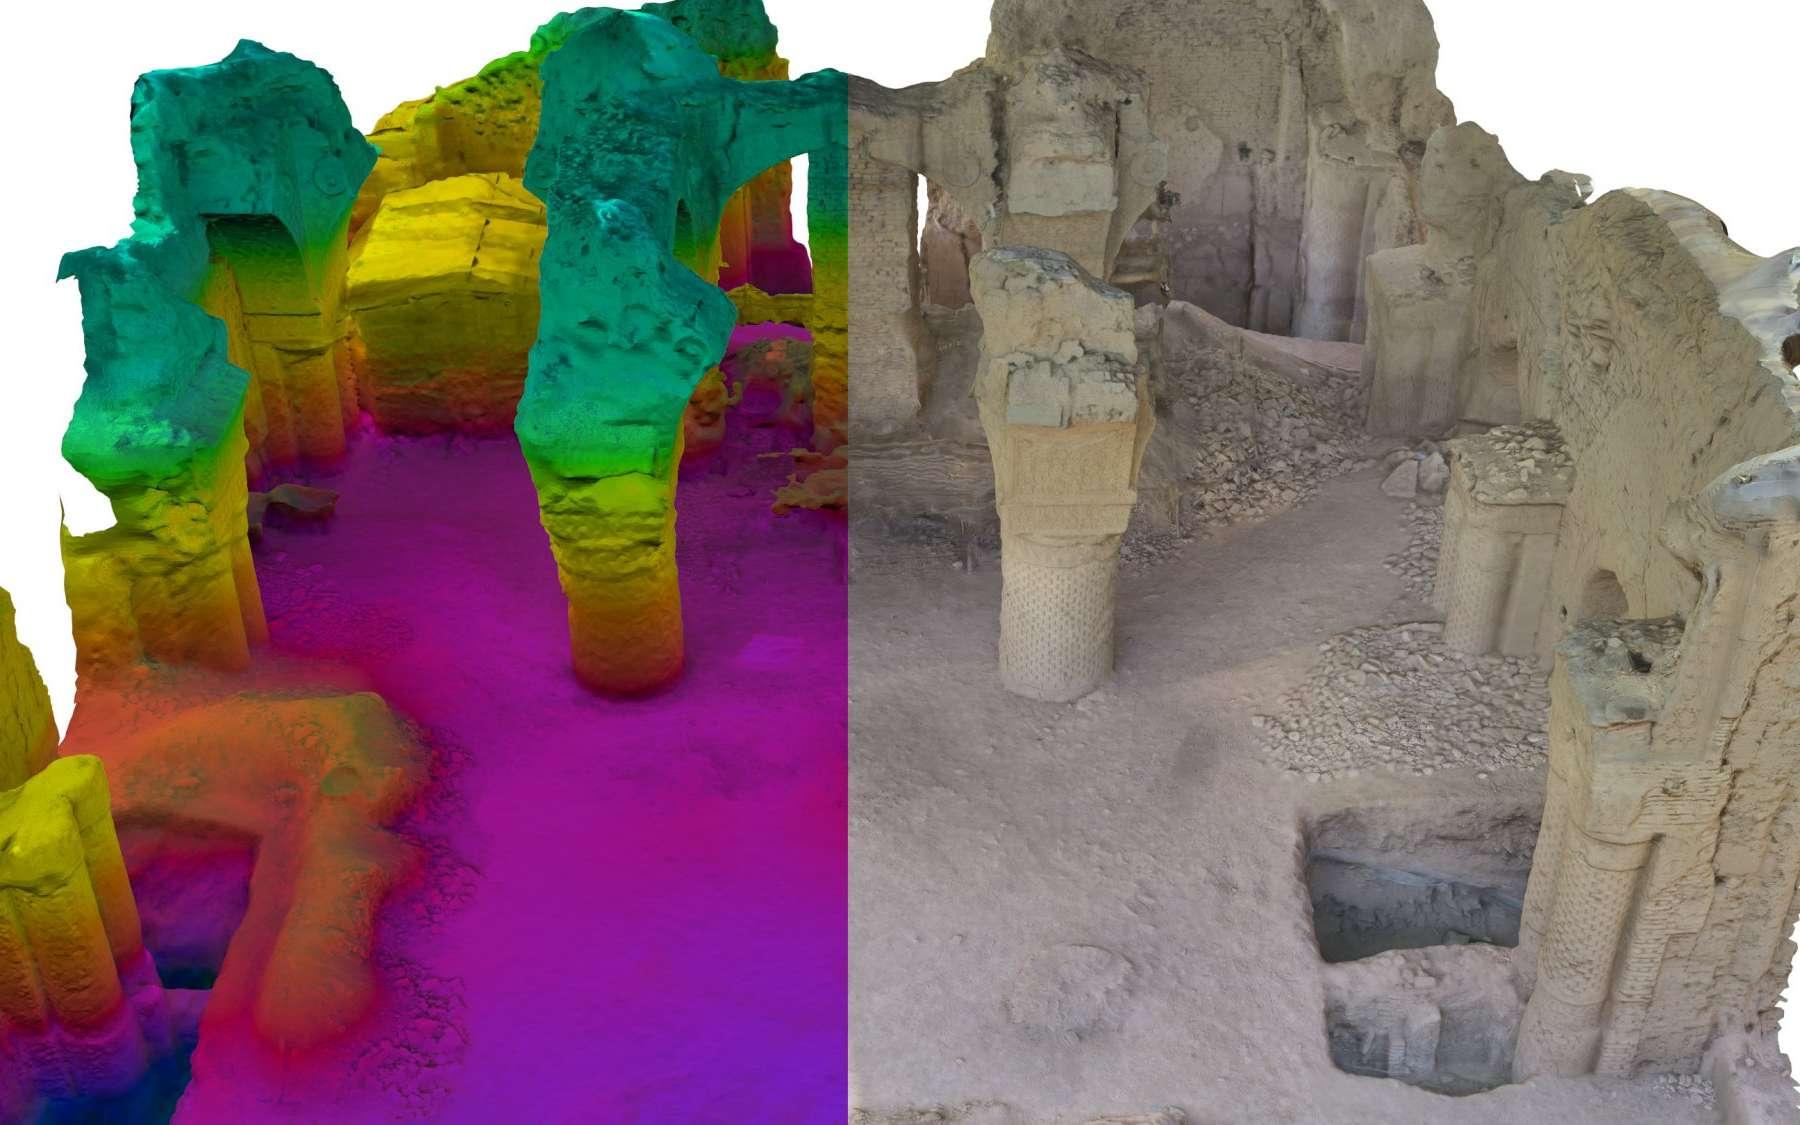 Une mosquée en photographie, à droite, et la version en réalité augmentée, à gauche, où les couleurs indiquent une hauteur. Les archéologues commencent à travailler avec ce genre de nouveaux outils. © Iconem